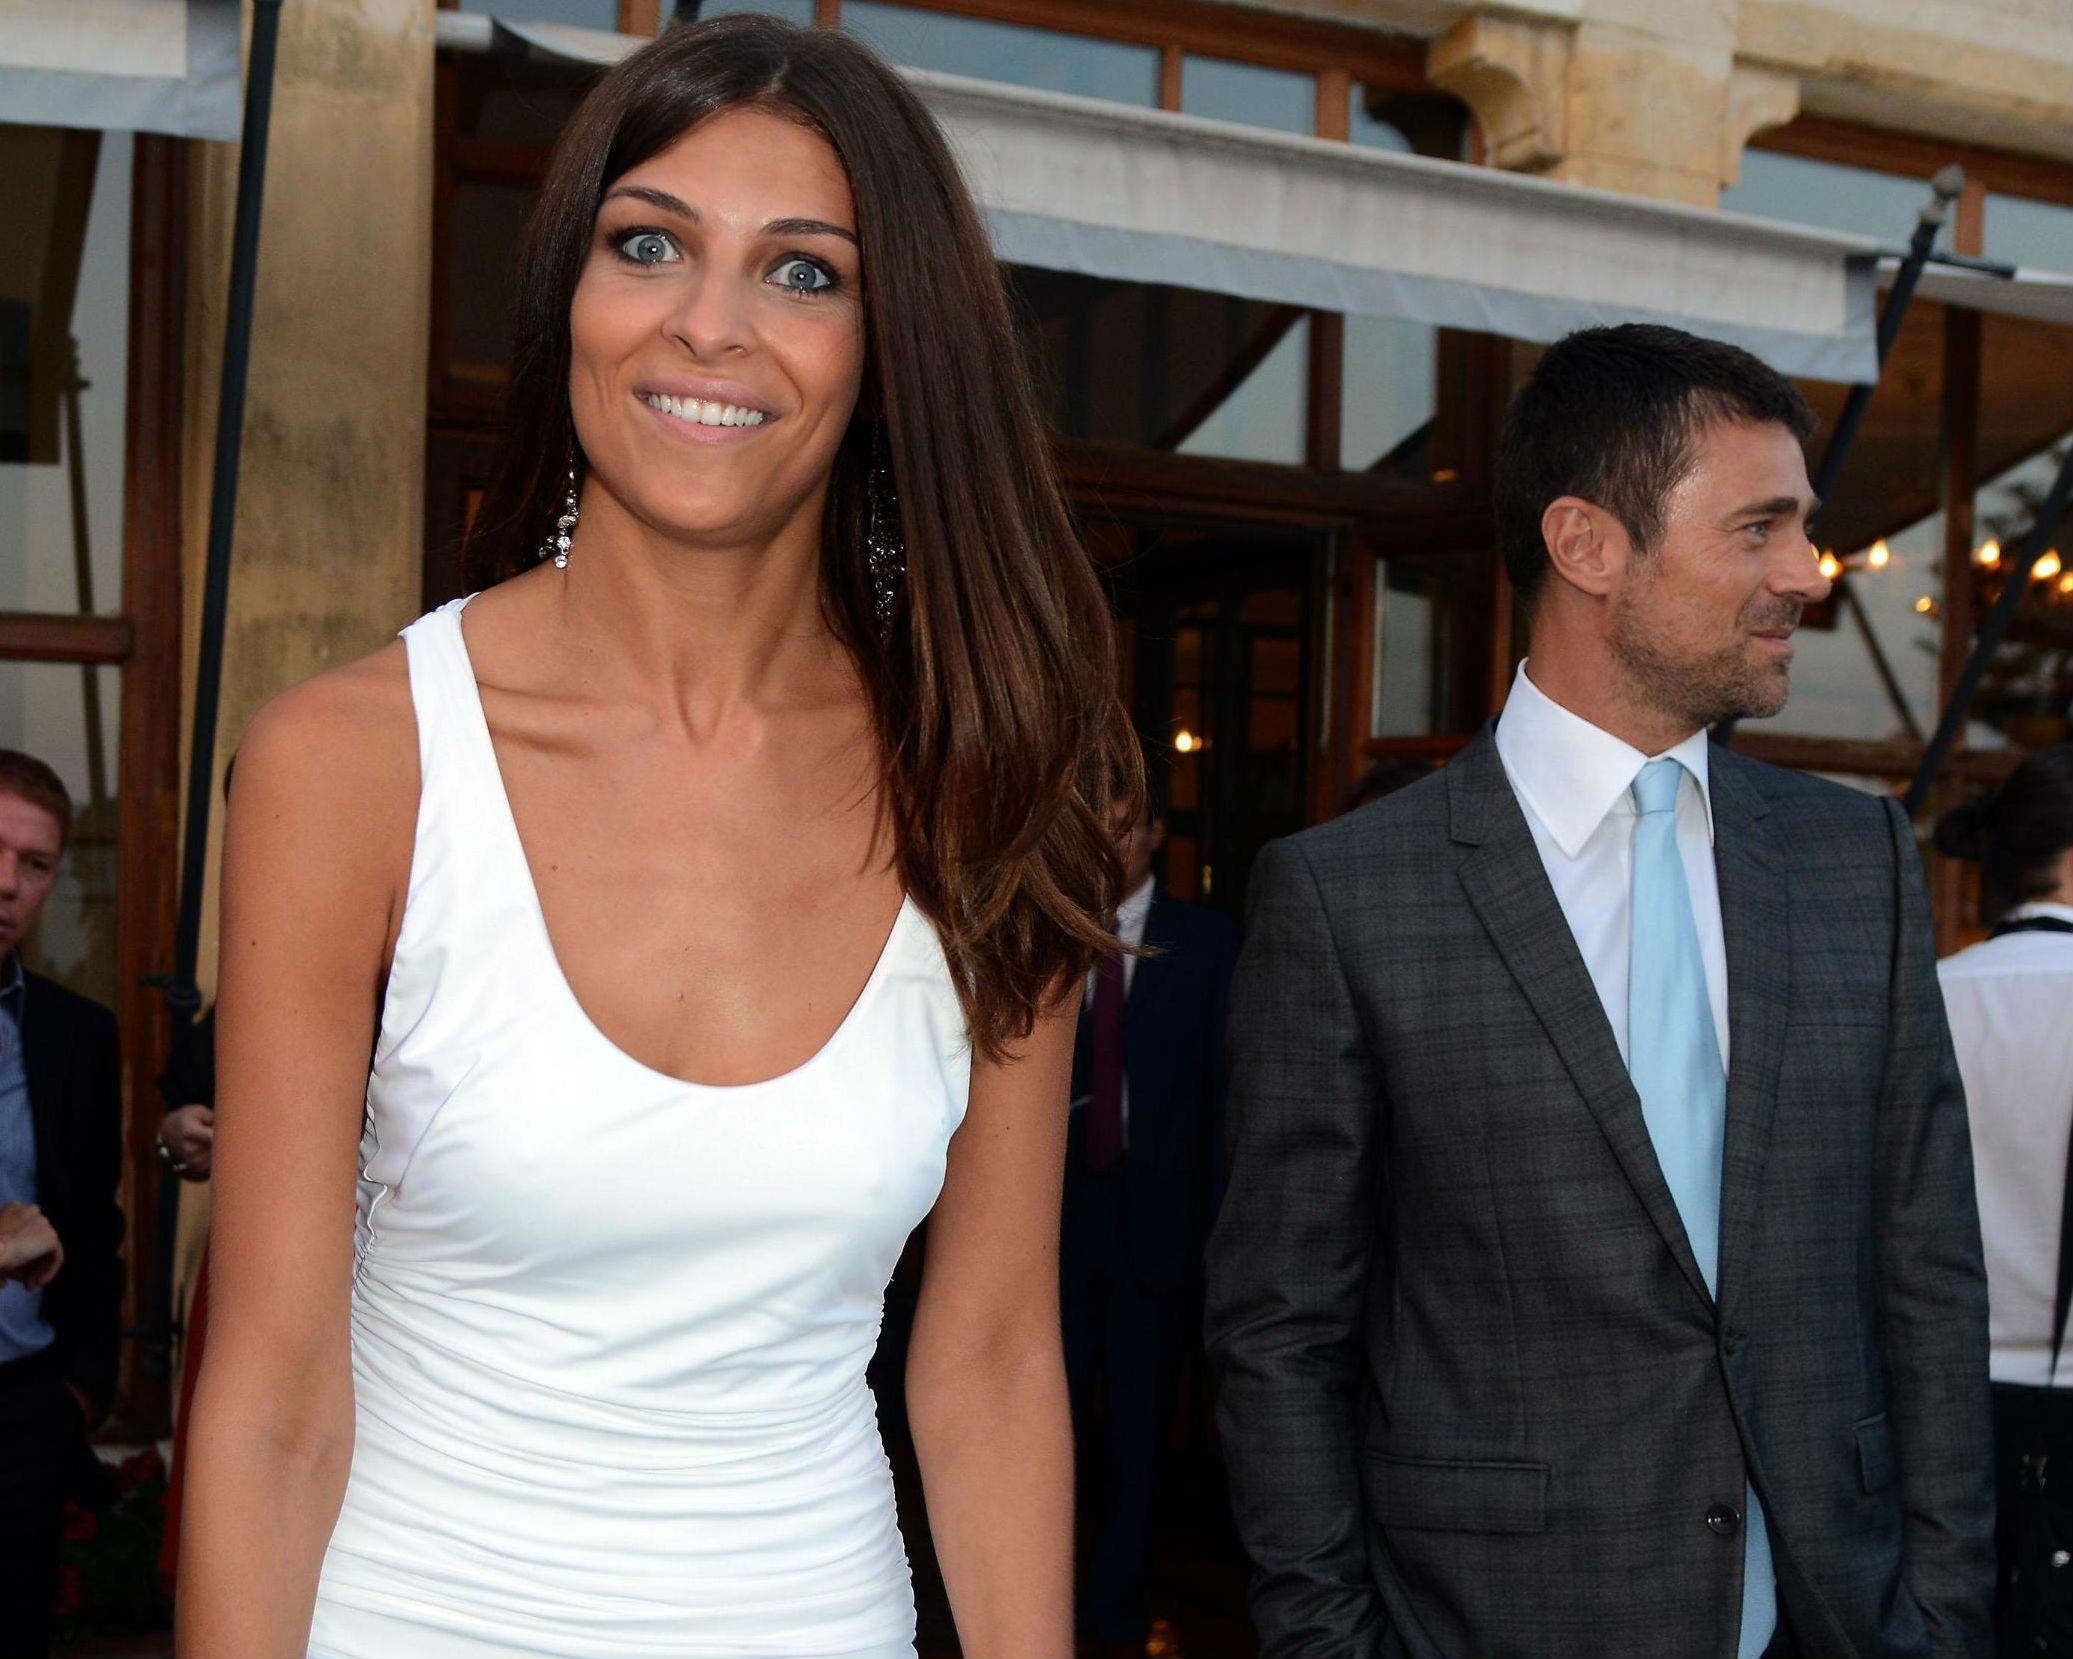 Cristina Chiabotto e Fabio Fulco si sono lasciati: la coppia scoppia dopo 12 anni di amore